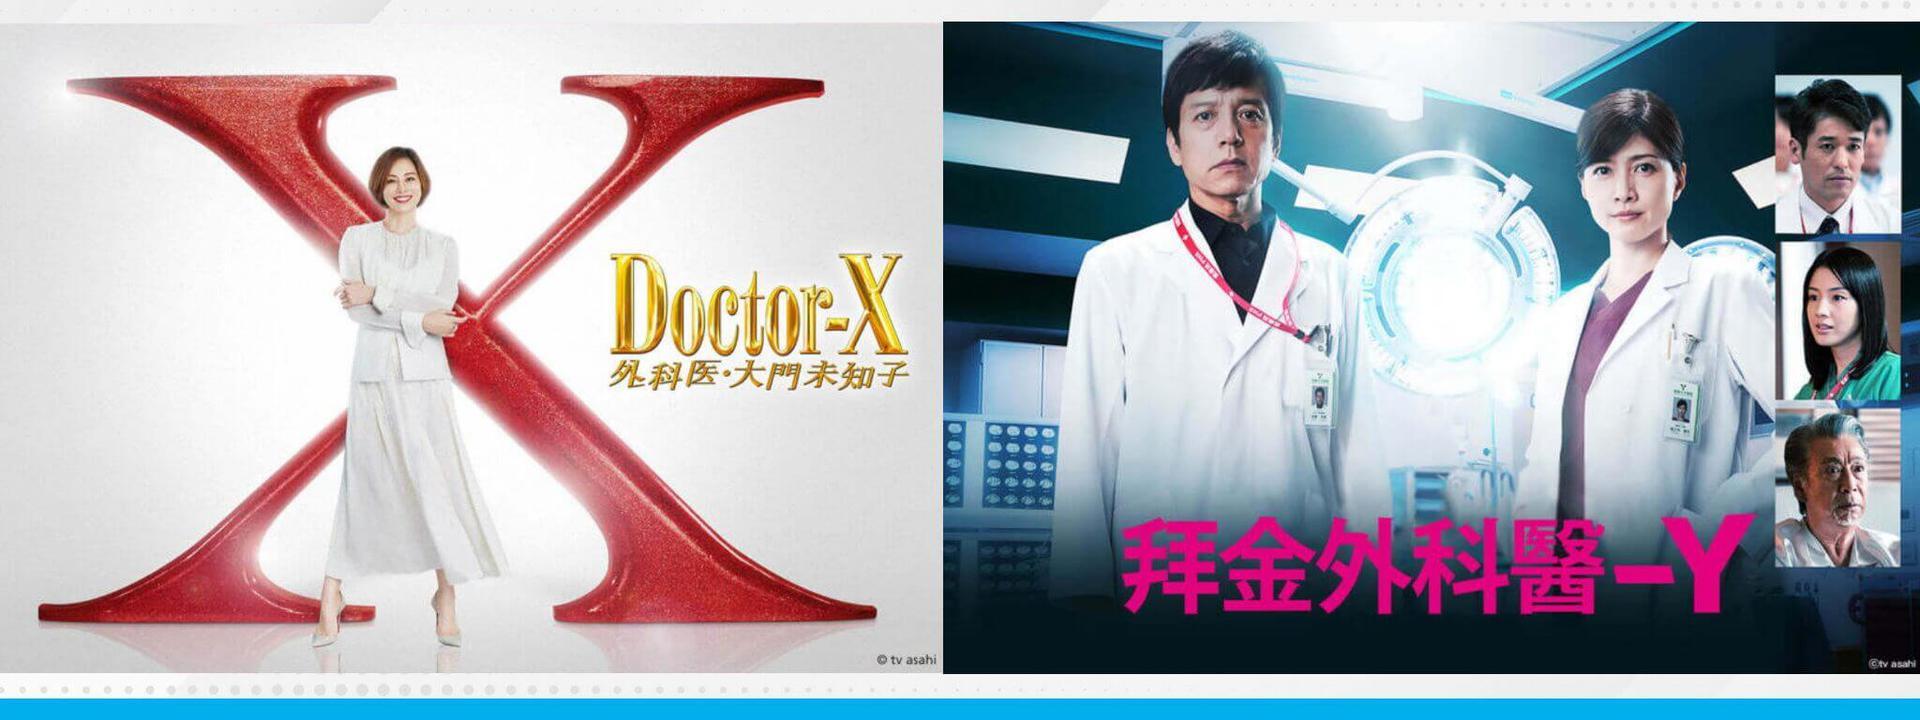 強勢外科醫生回歸